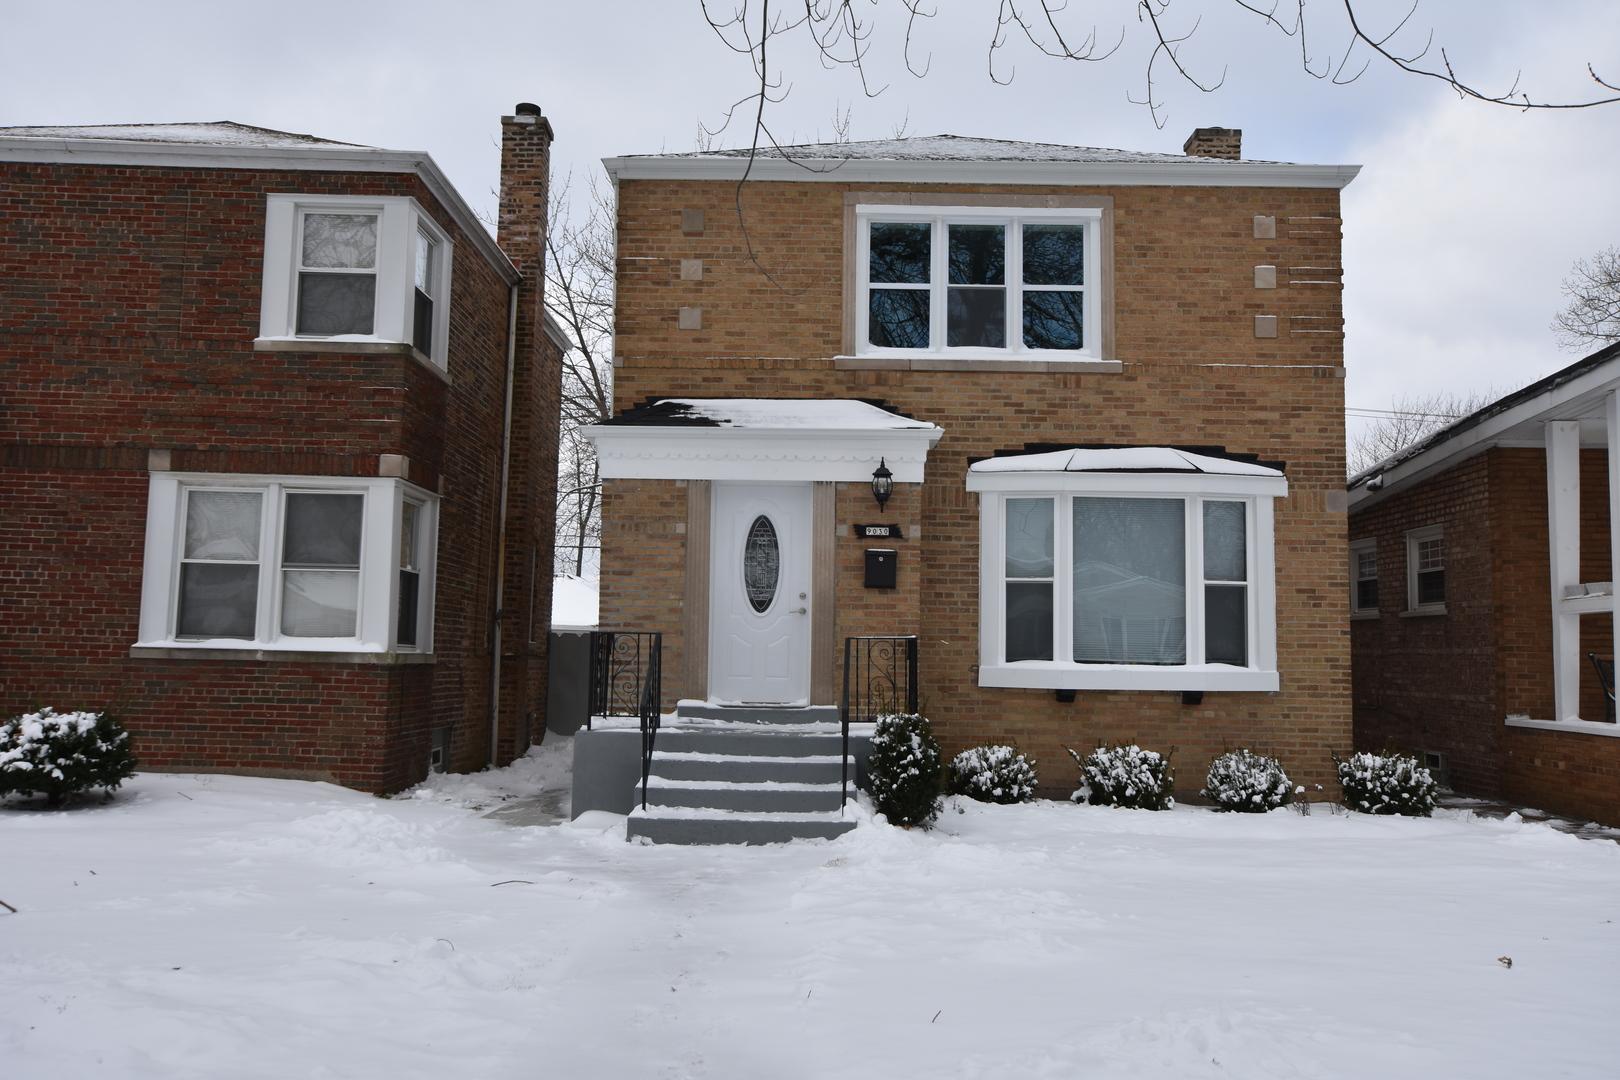 9030 SOUTH CRANDON AVENUE, CHICAGO, IL 60617